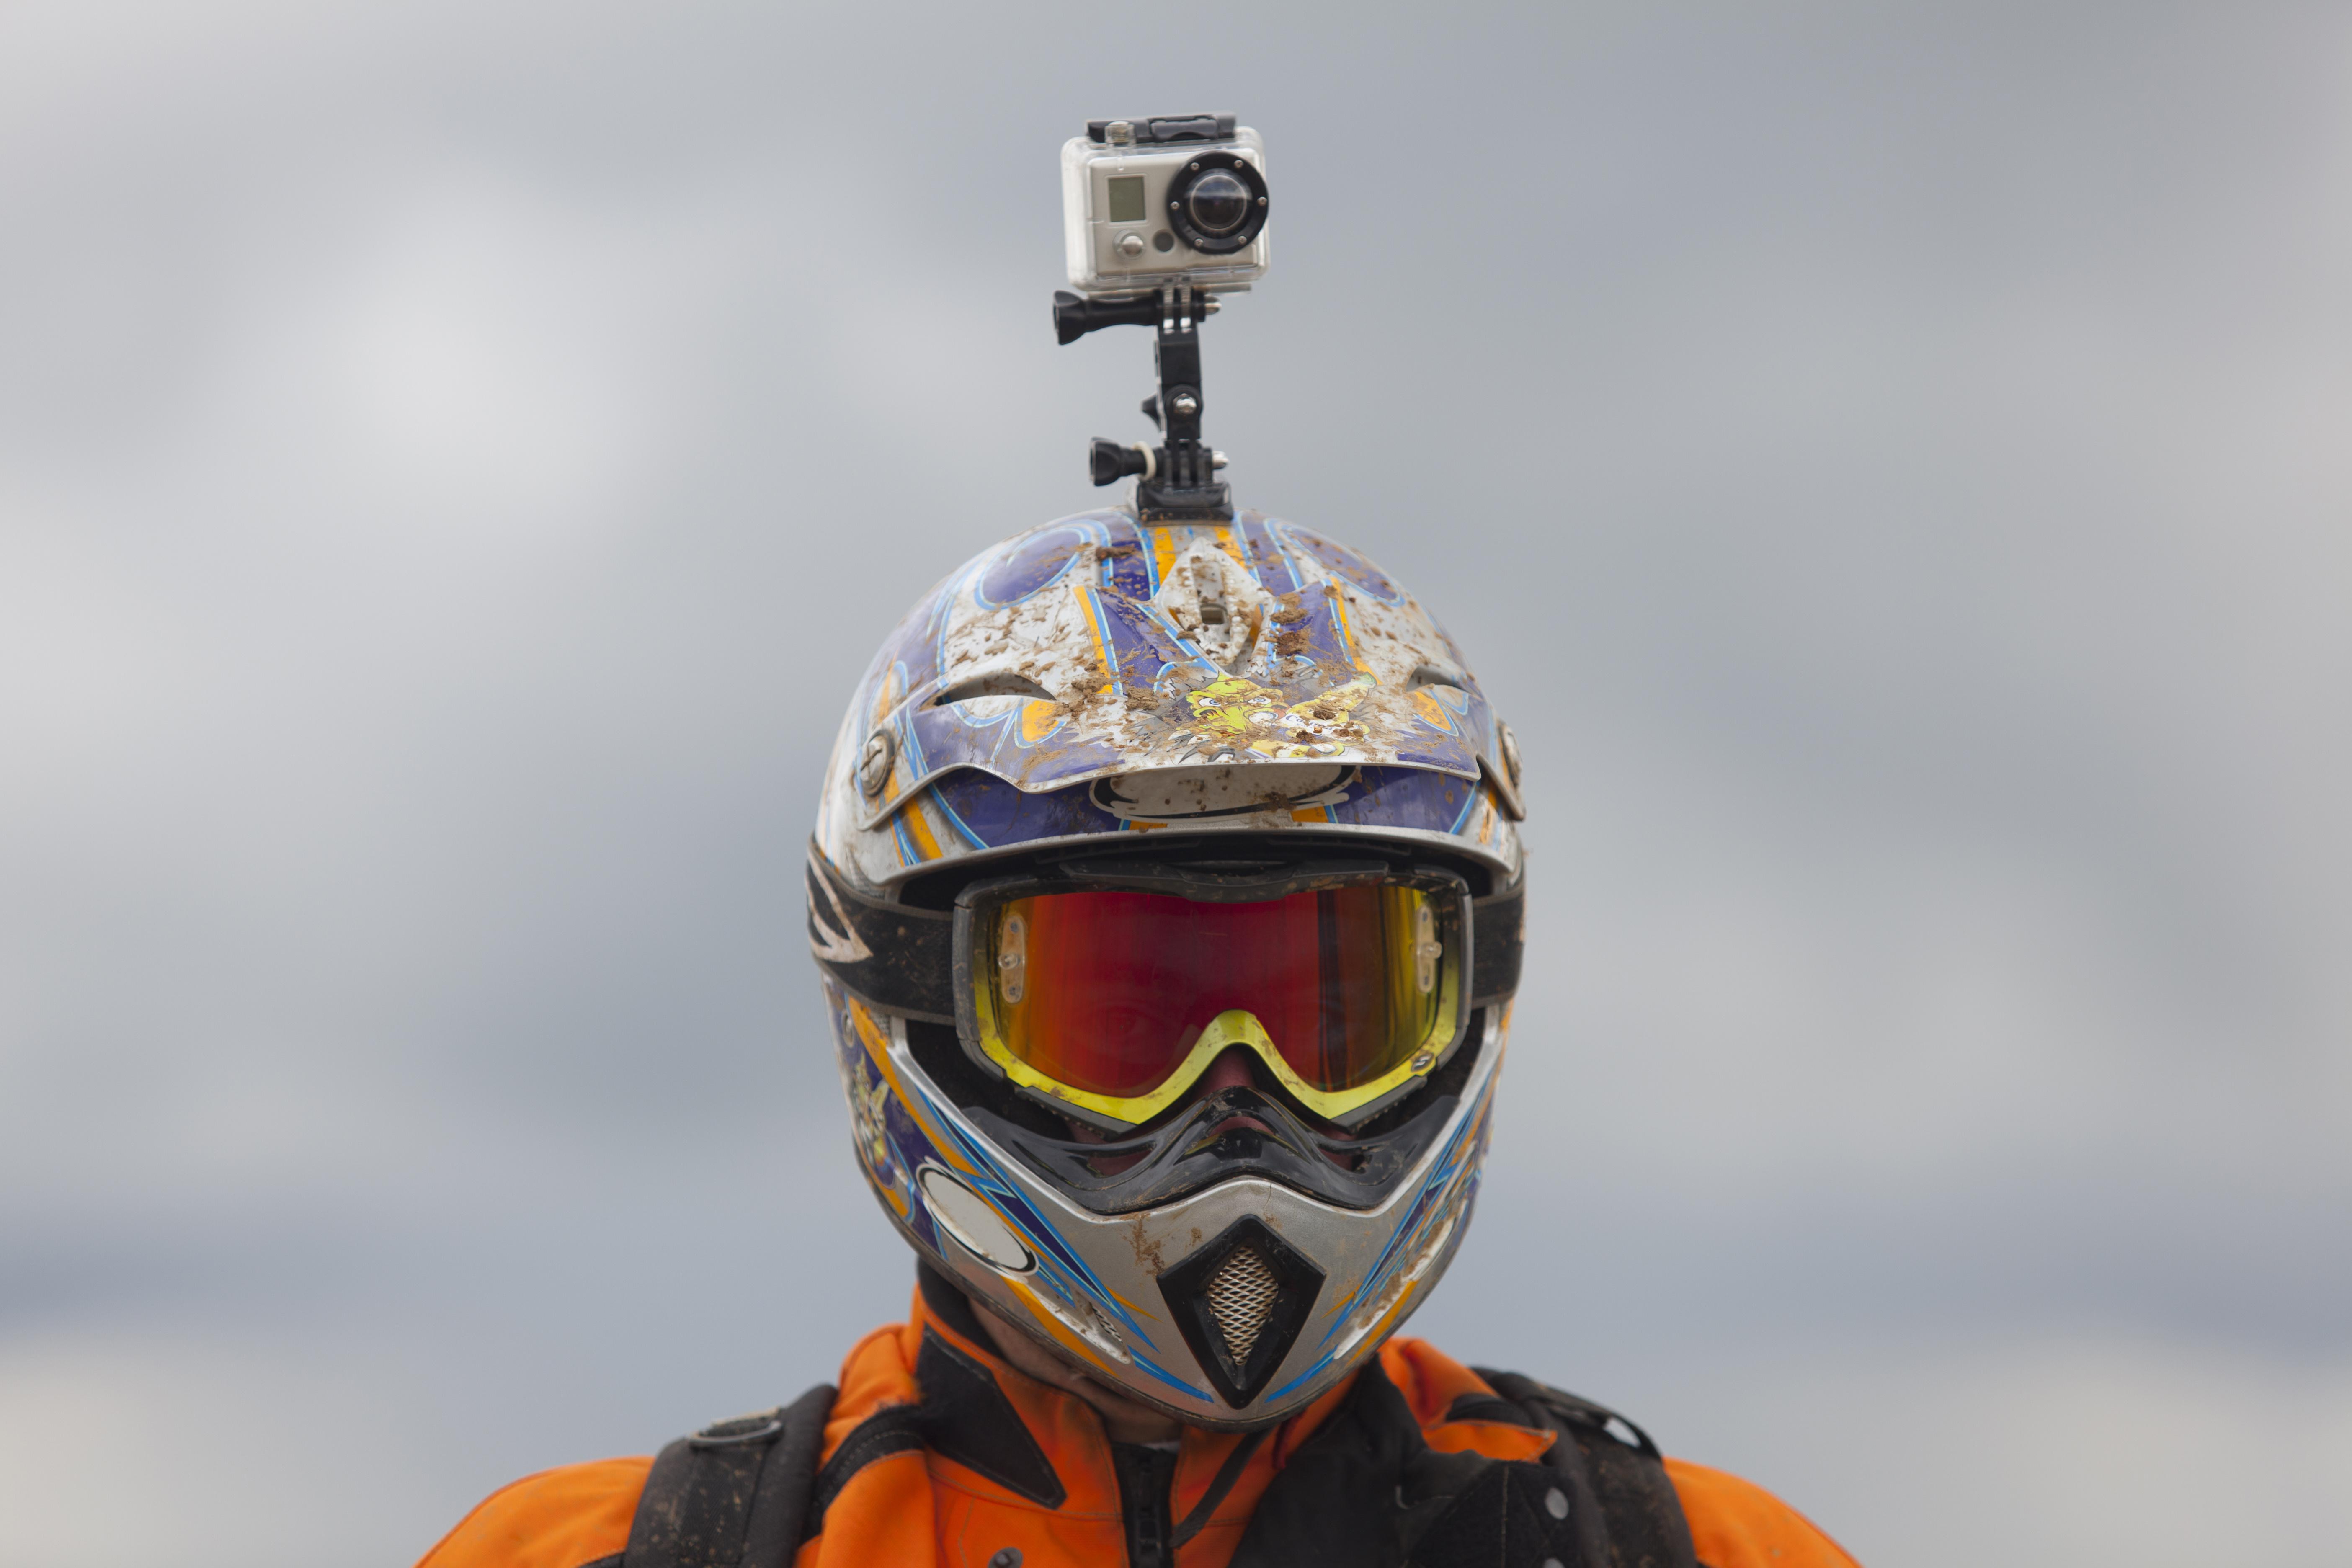 Модерни играчки - екшън камера, посавена на каската на човек, занимаващ се с мотокрос